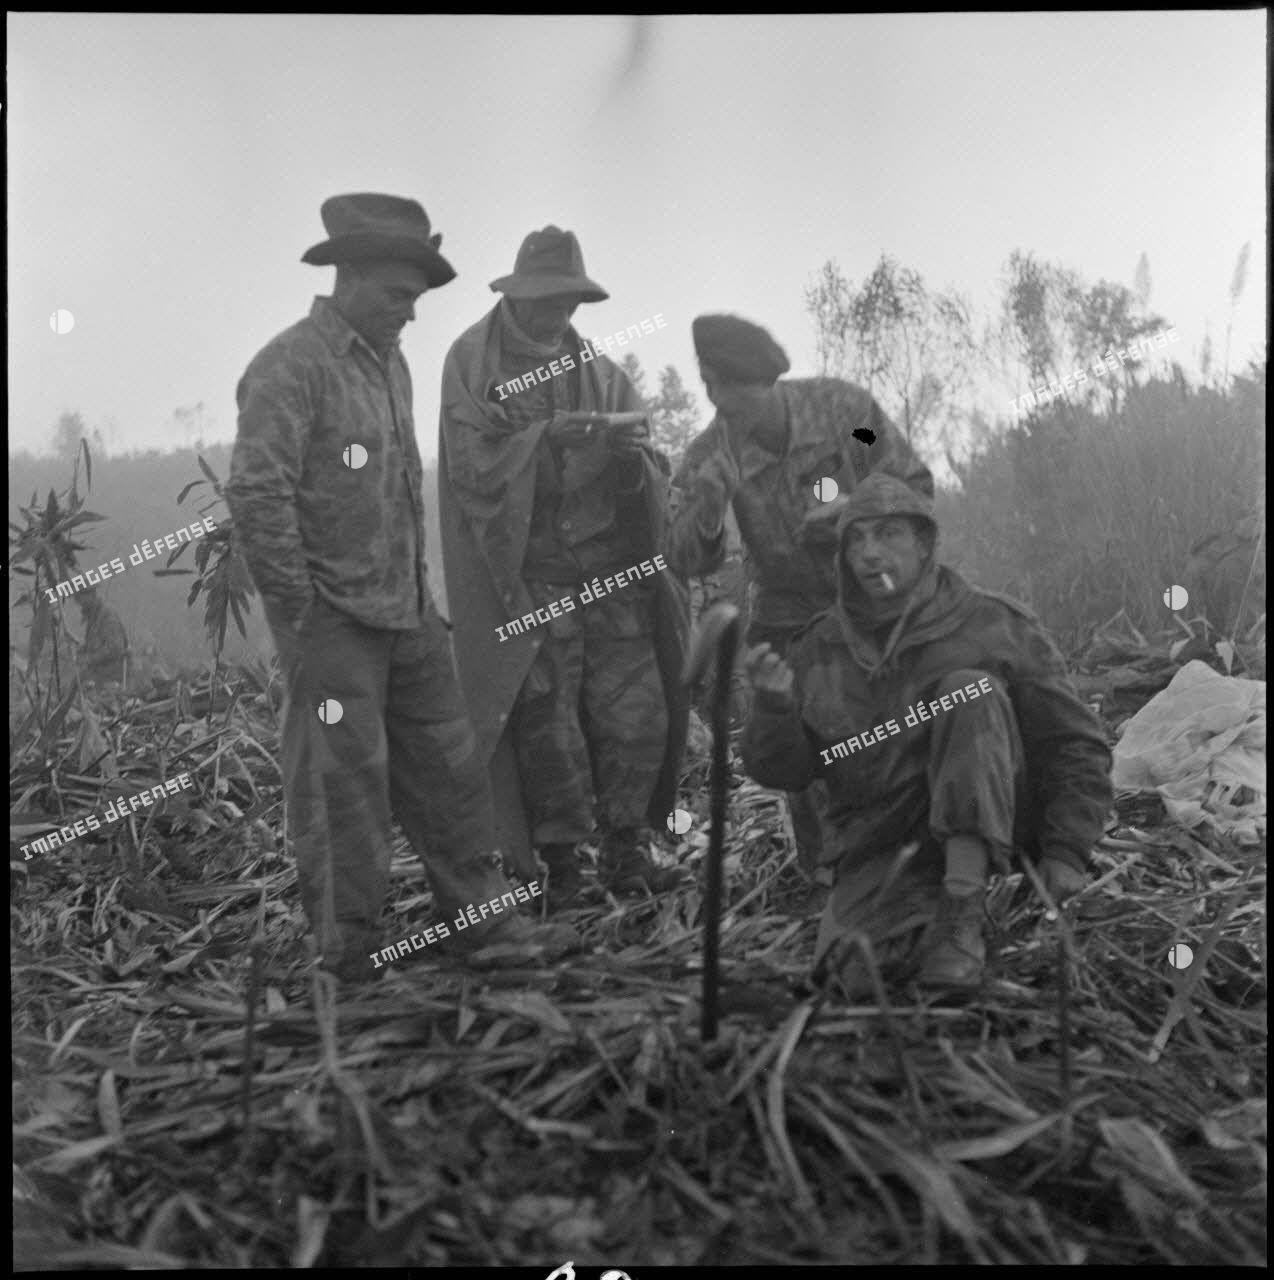 Après une nuit froide et brumeuse, des parachutistes du groupement aéroporté n°2 (GAP 2) se rassemblent au petit matin. Ils mènent une reconnaissance sur la piste Pavie au nord de Diên Biên Phu.